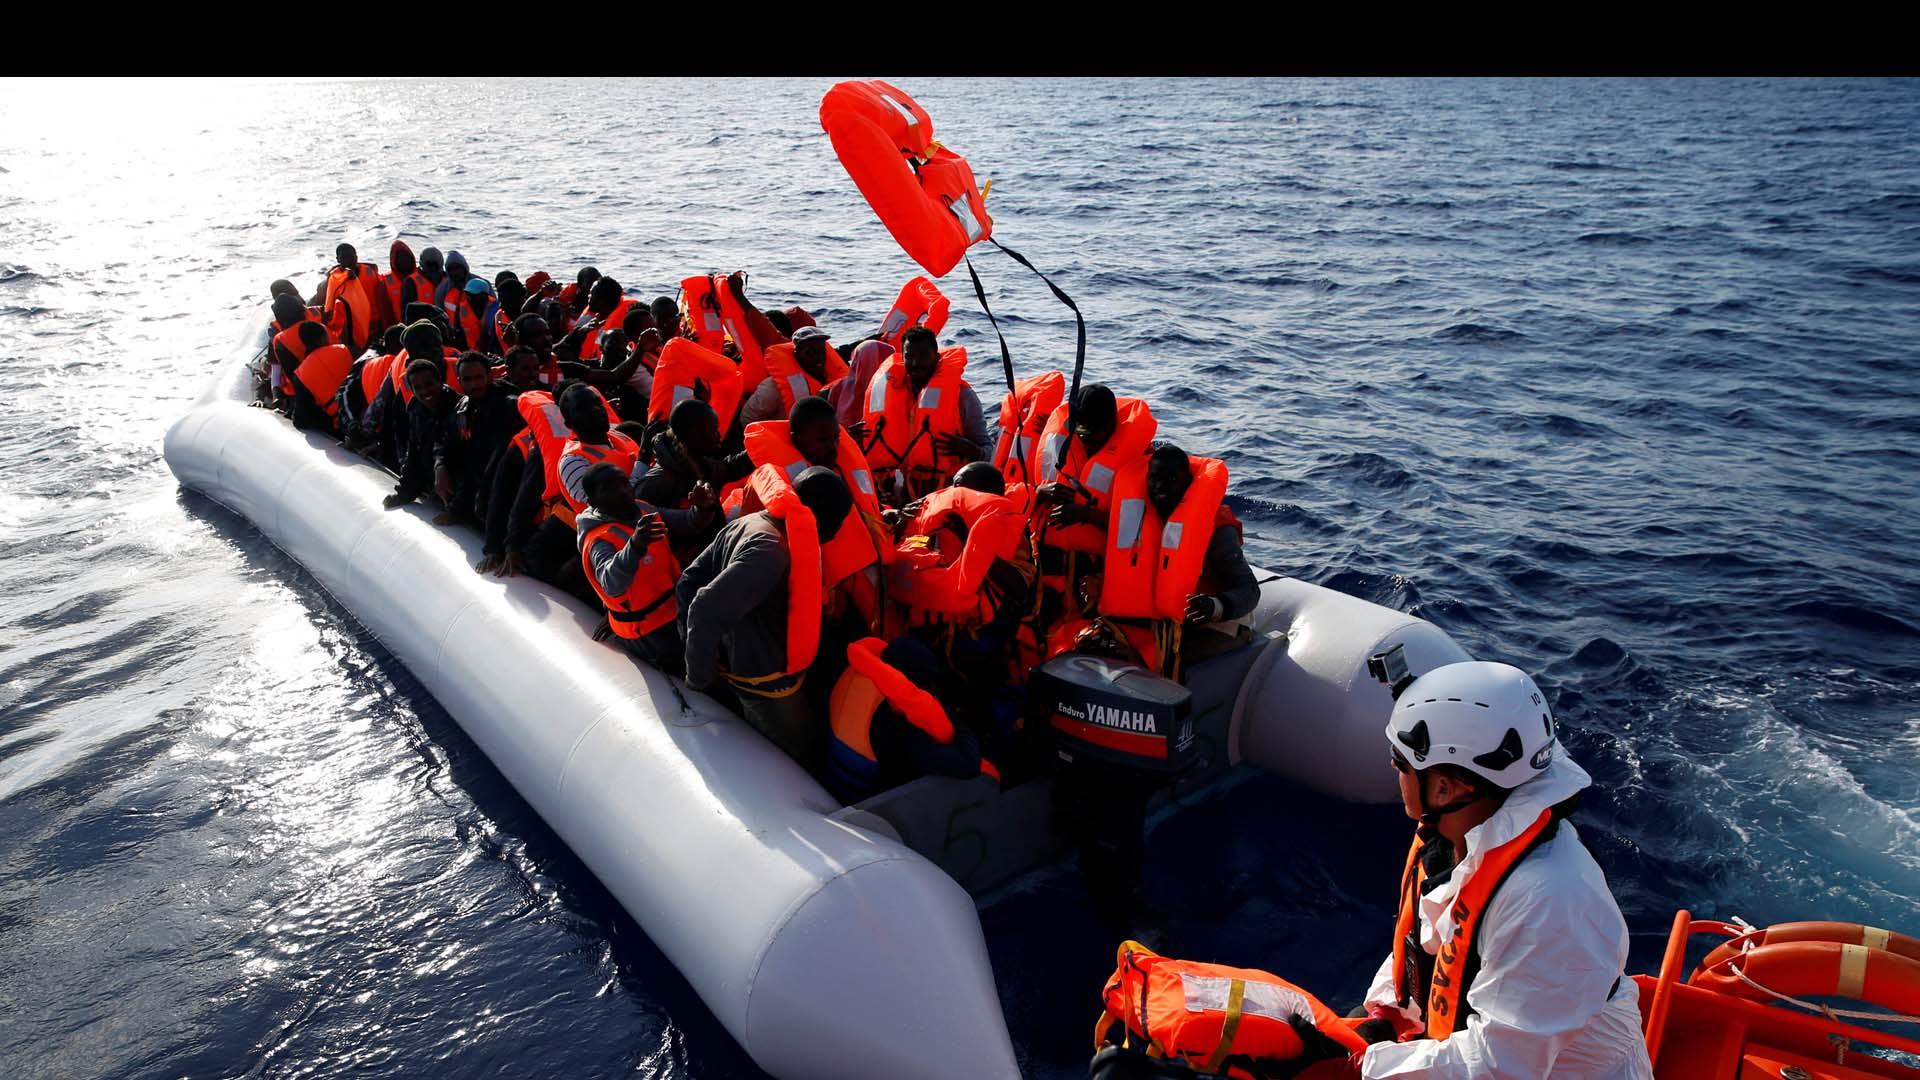 Las victimas se quedaron en medio del Mediterráneo intentando llegar a Italia en pequeñas embarcaciones